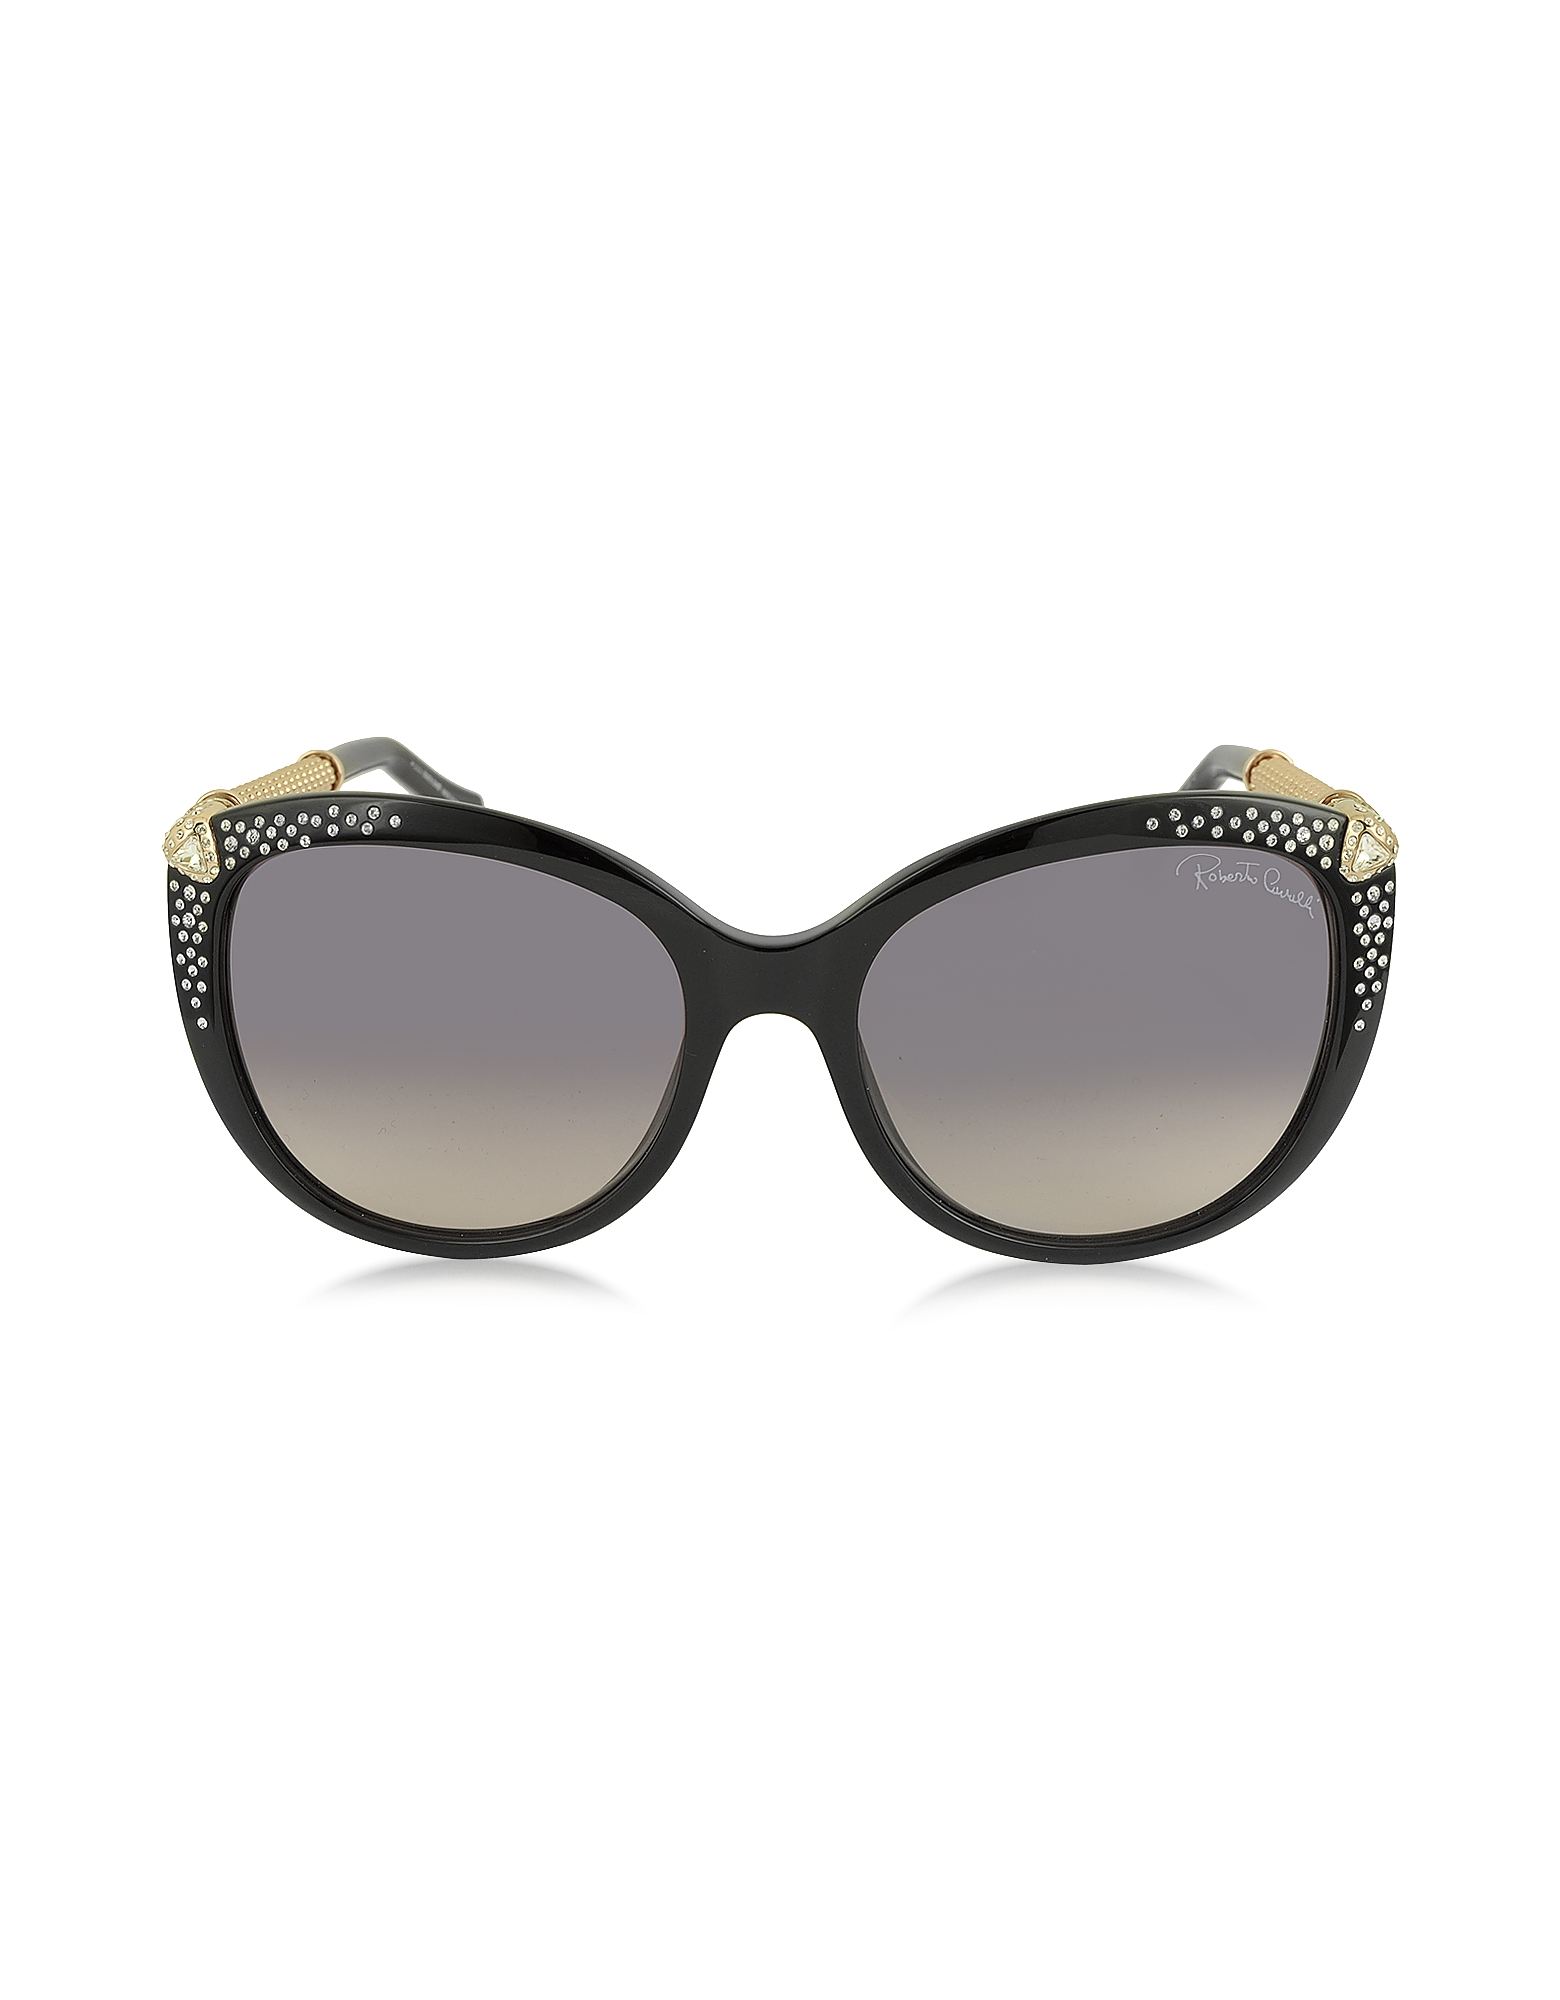 Фото TANIA 979S - Женские Солнечные Очки из Ацетата с Кристаллами. Купить с доставкой